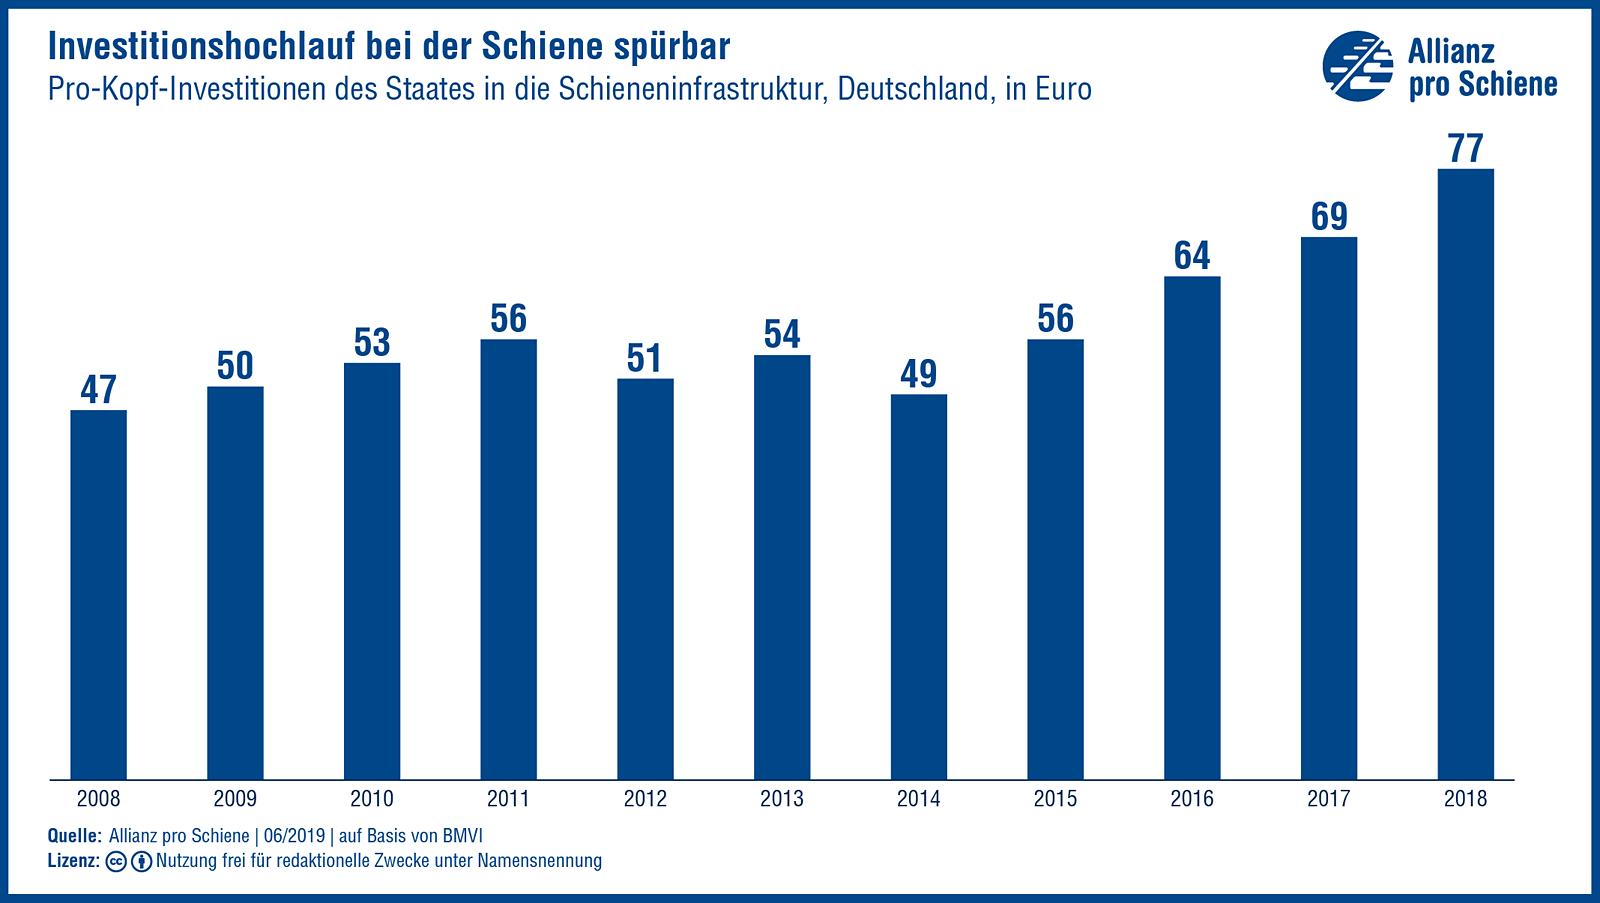 Investitionshochlauf bei der Schiene spürbar: Pro-Kopf-Investitionen Deutschlands in die Schieneninfrastruktur